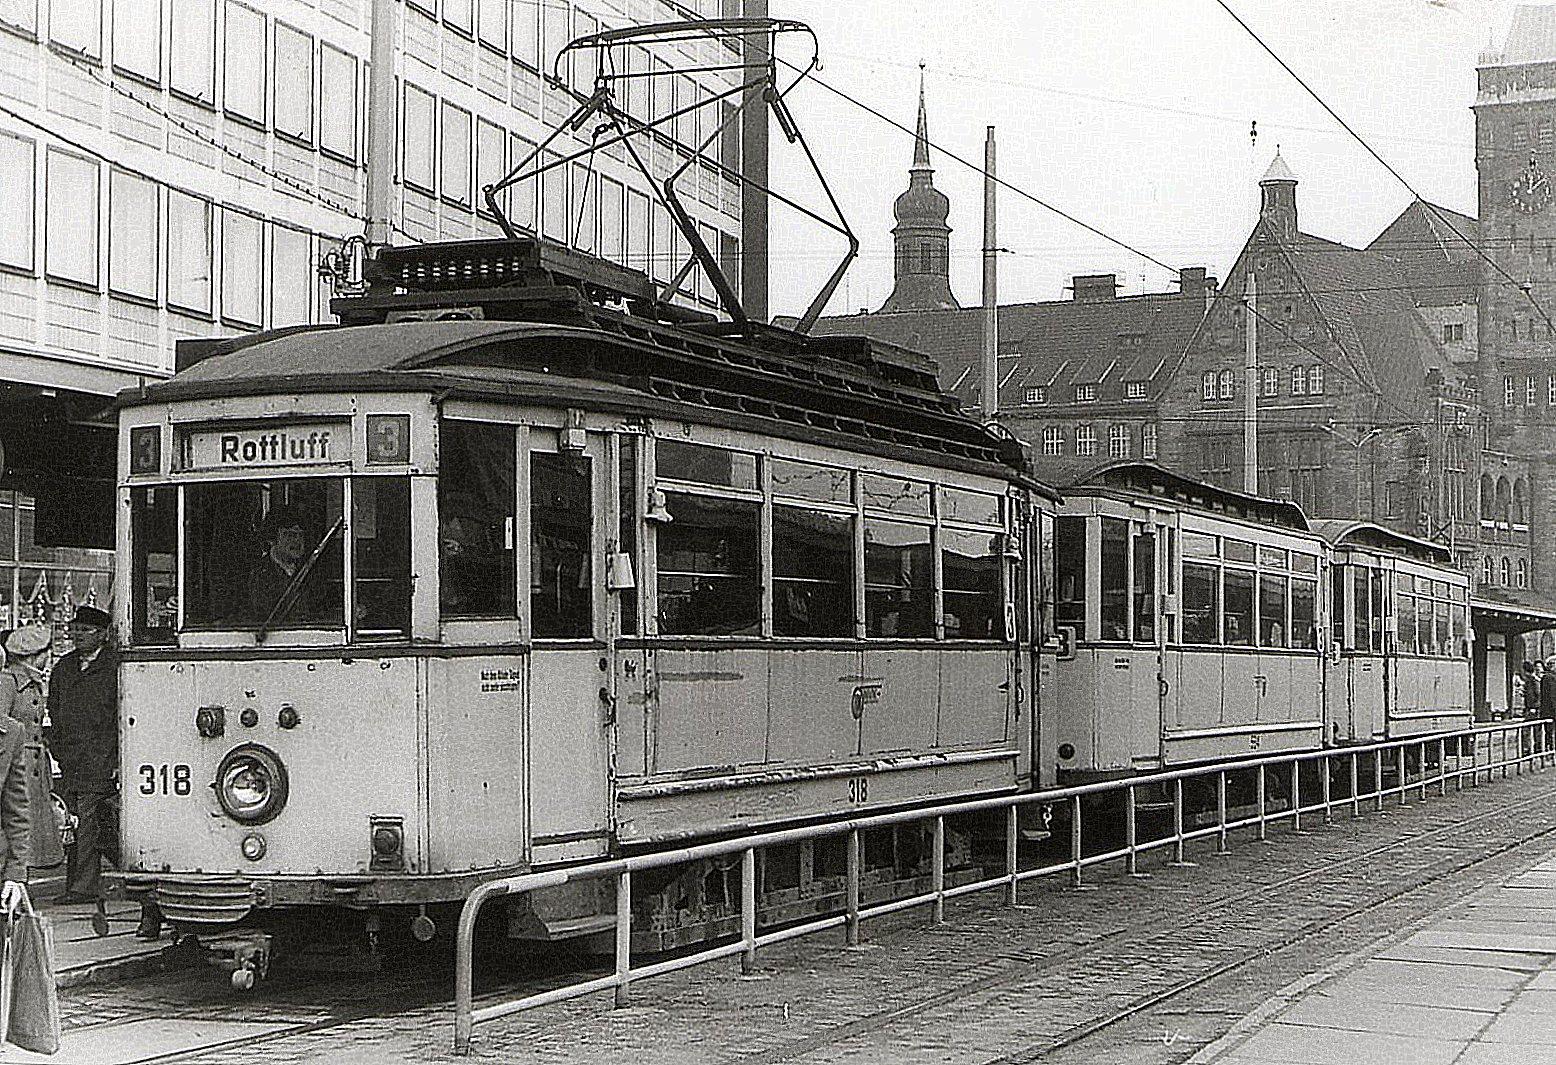 Karl Marx Stadt Februar 1984 318 einer der letzten Dreiwagenzüge